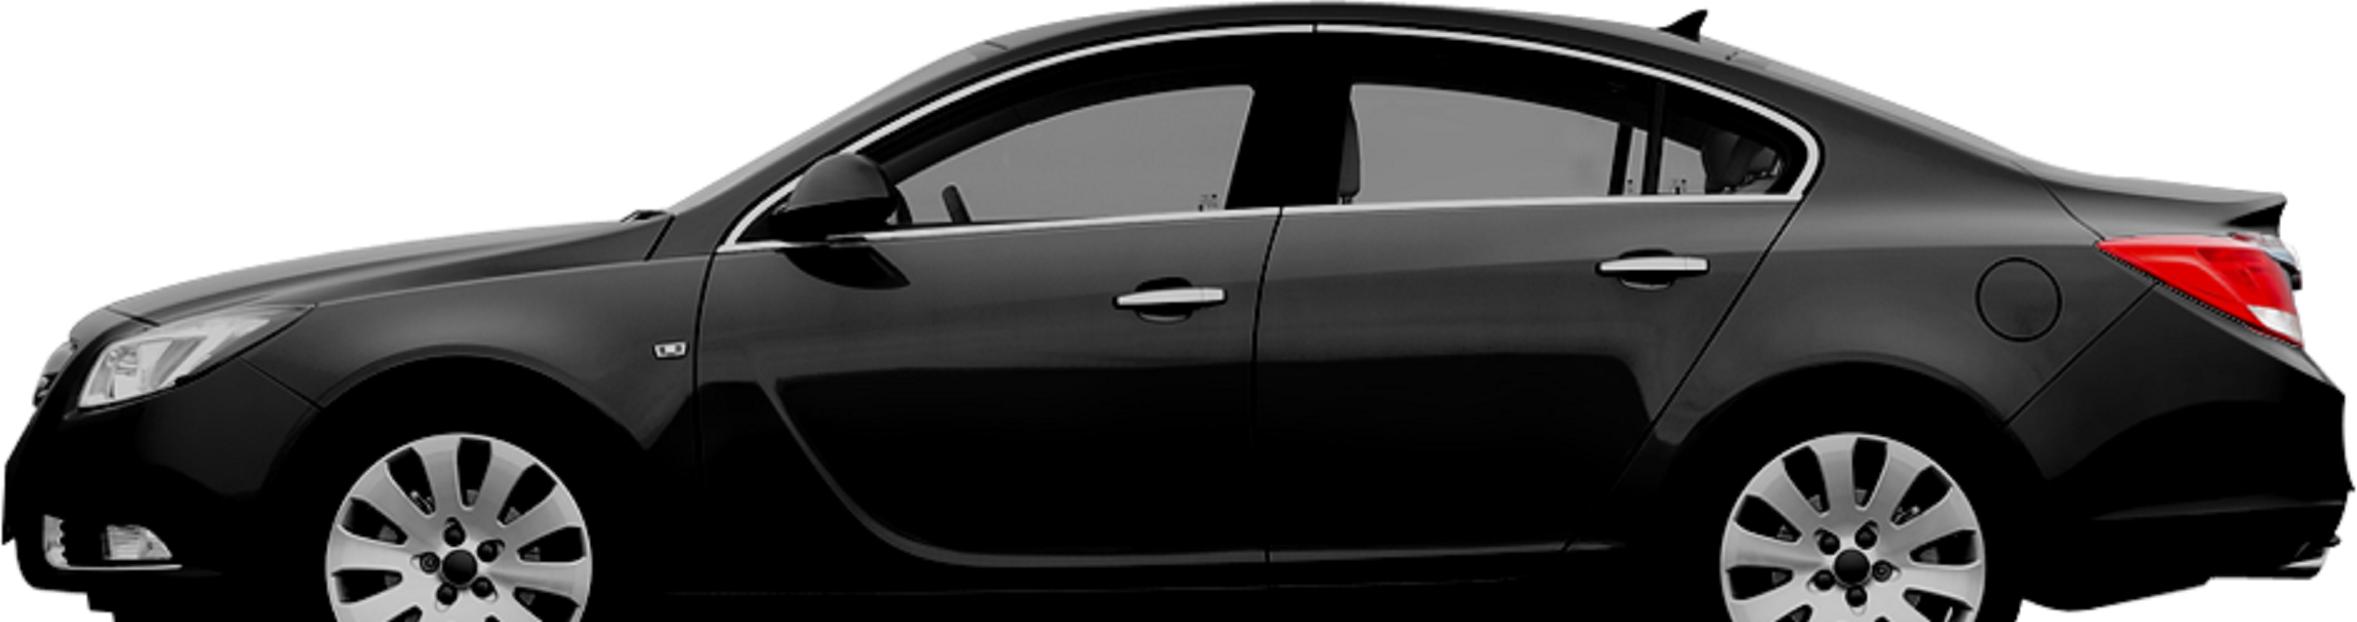 Austin Mobile Auto Repair image 0